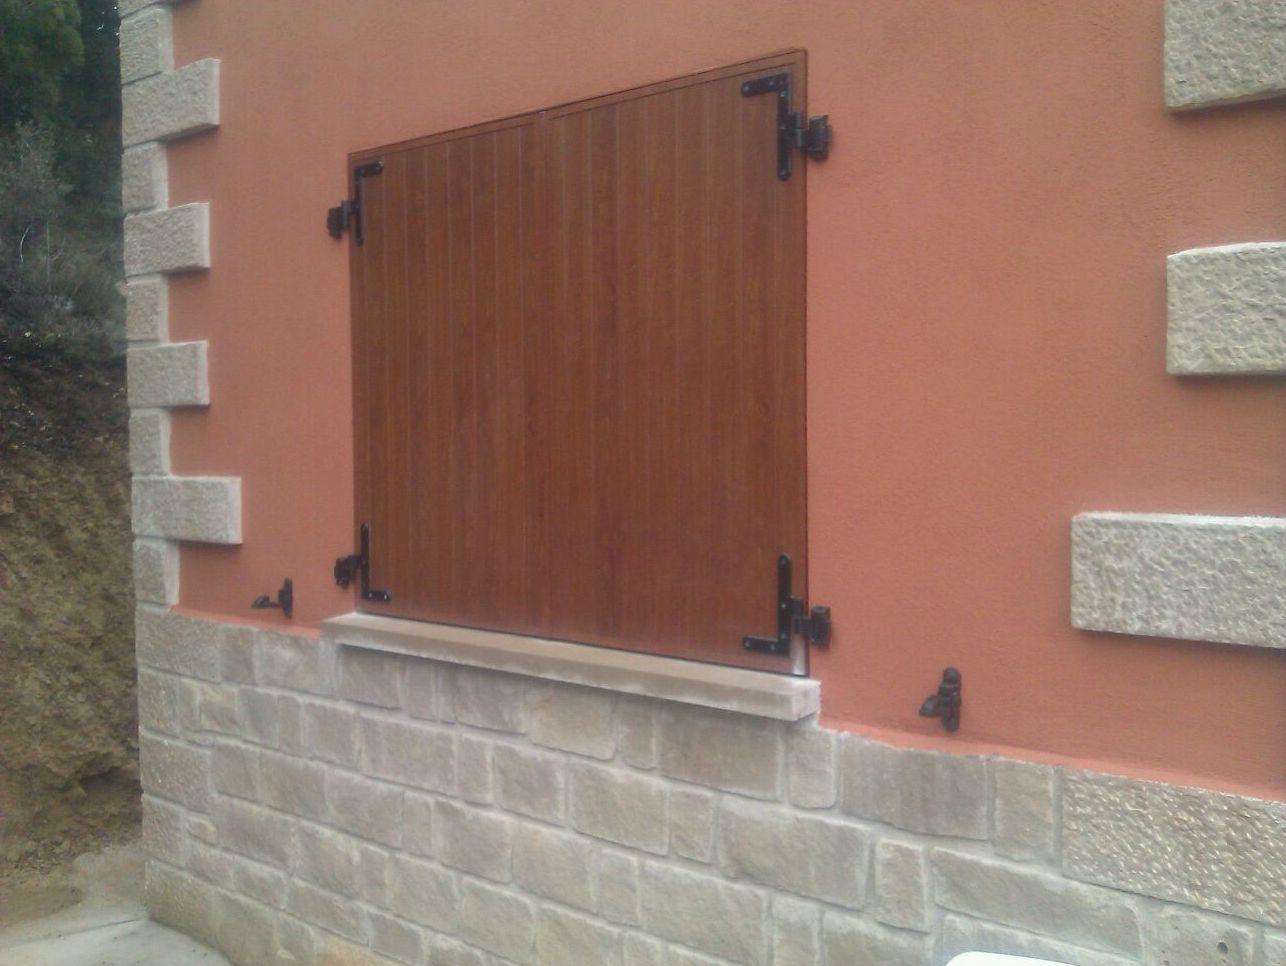 Foto 2 de Carpintería de aluminio, metálica y PVC en Tafalla | Pascual y Galar